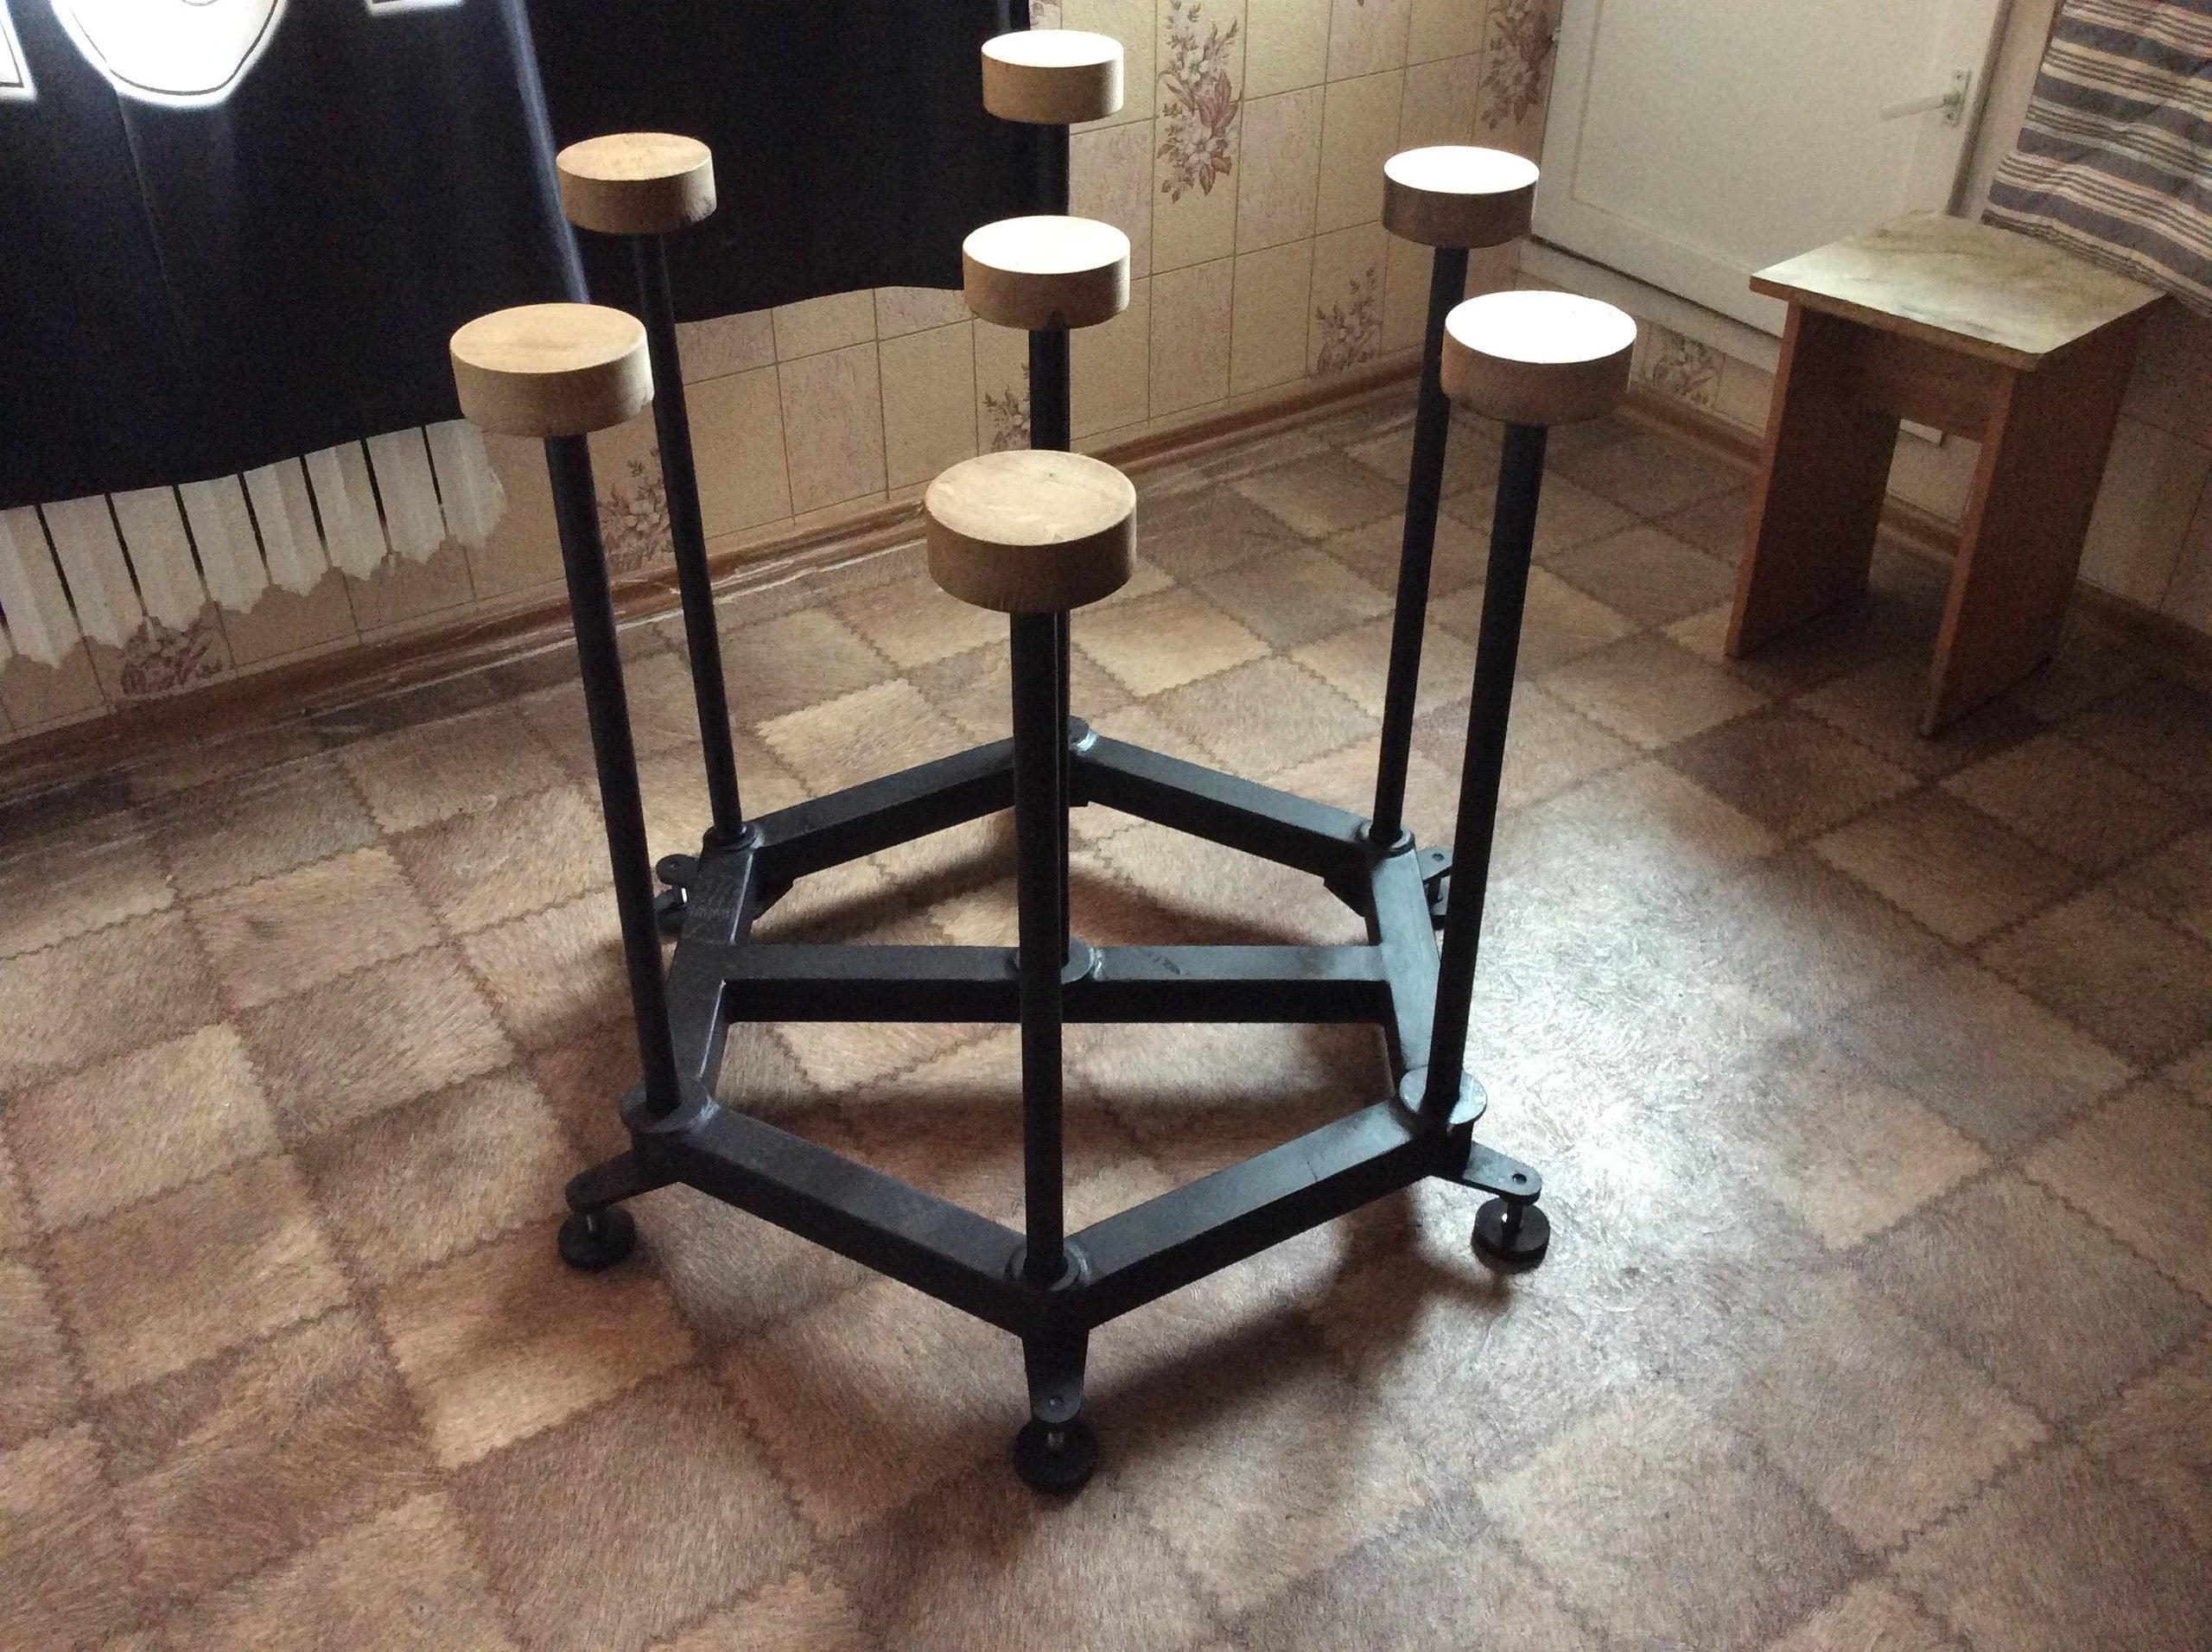 заказать/купить столы и иные конструкции для эквилибра на тростях